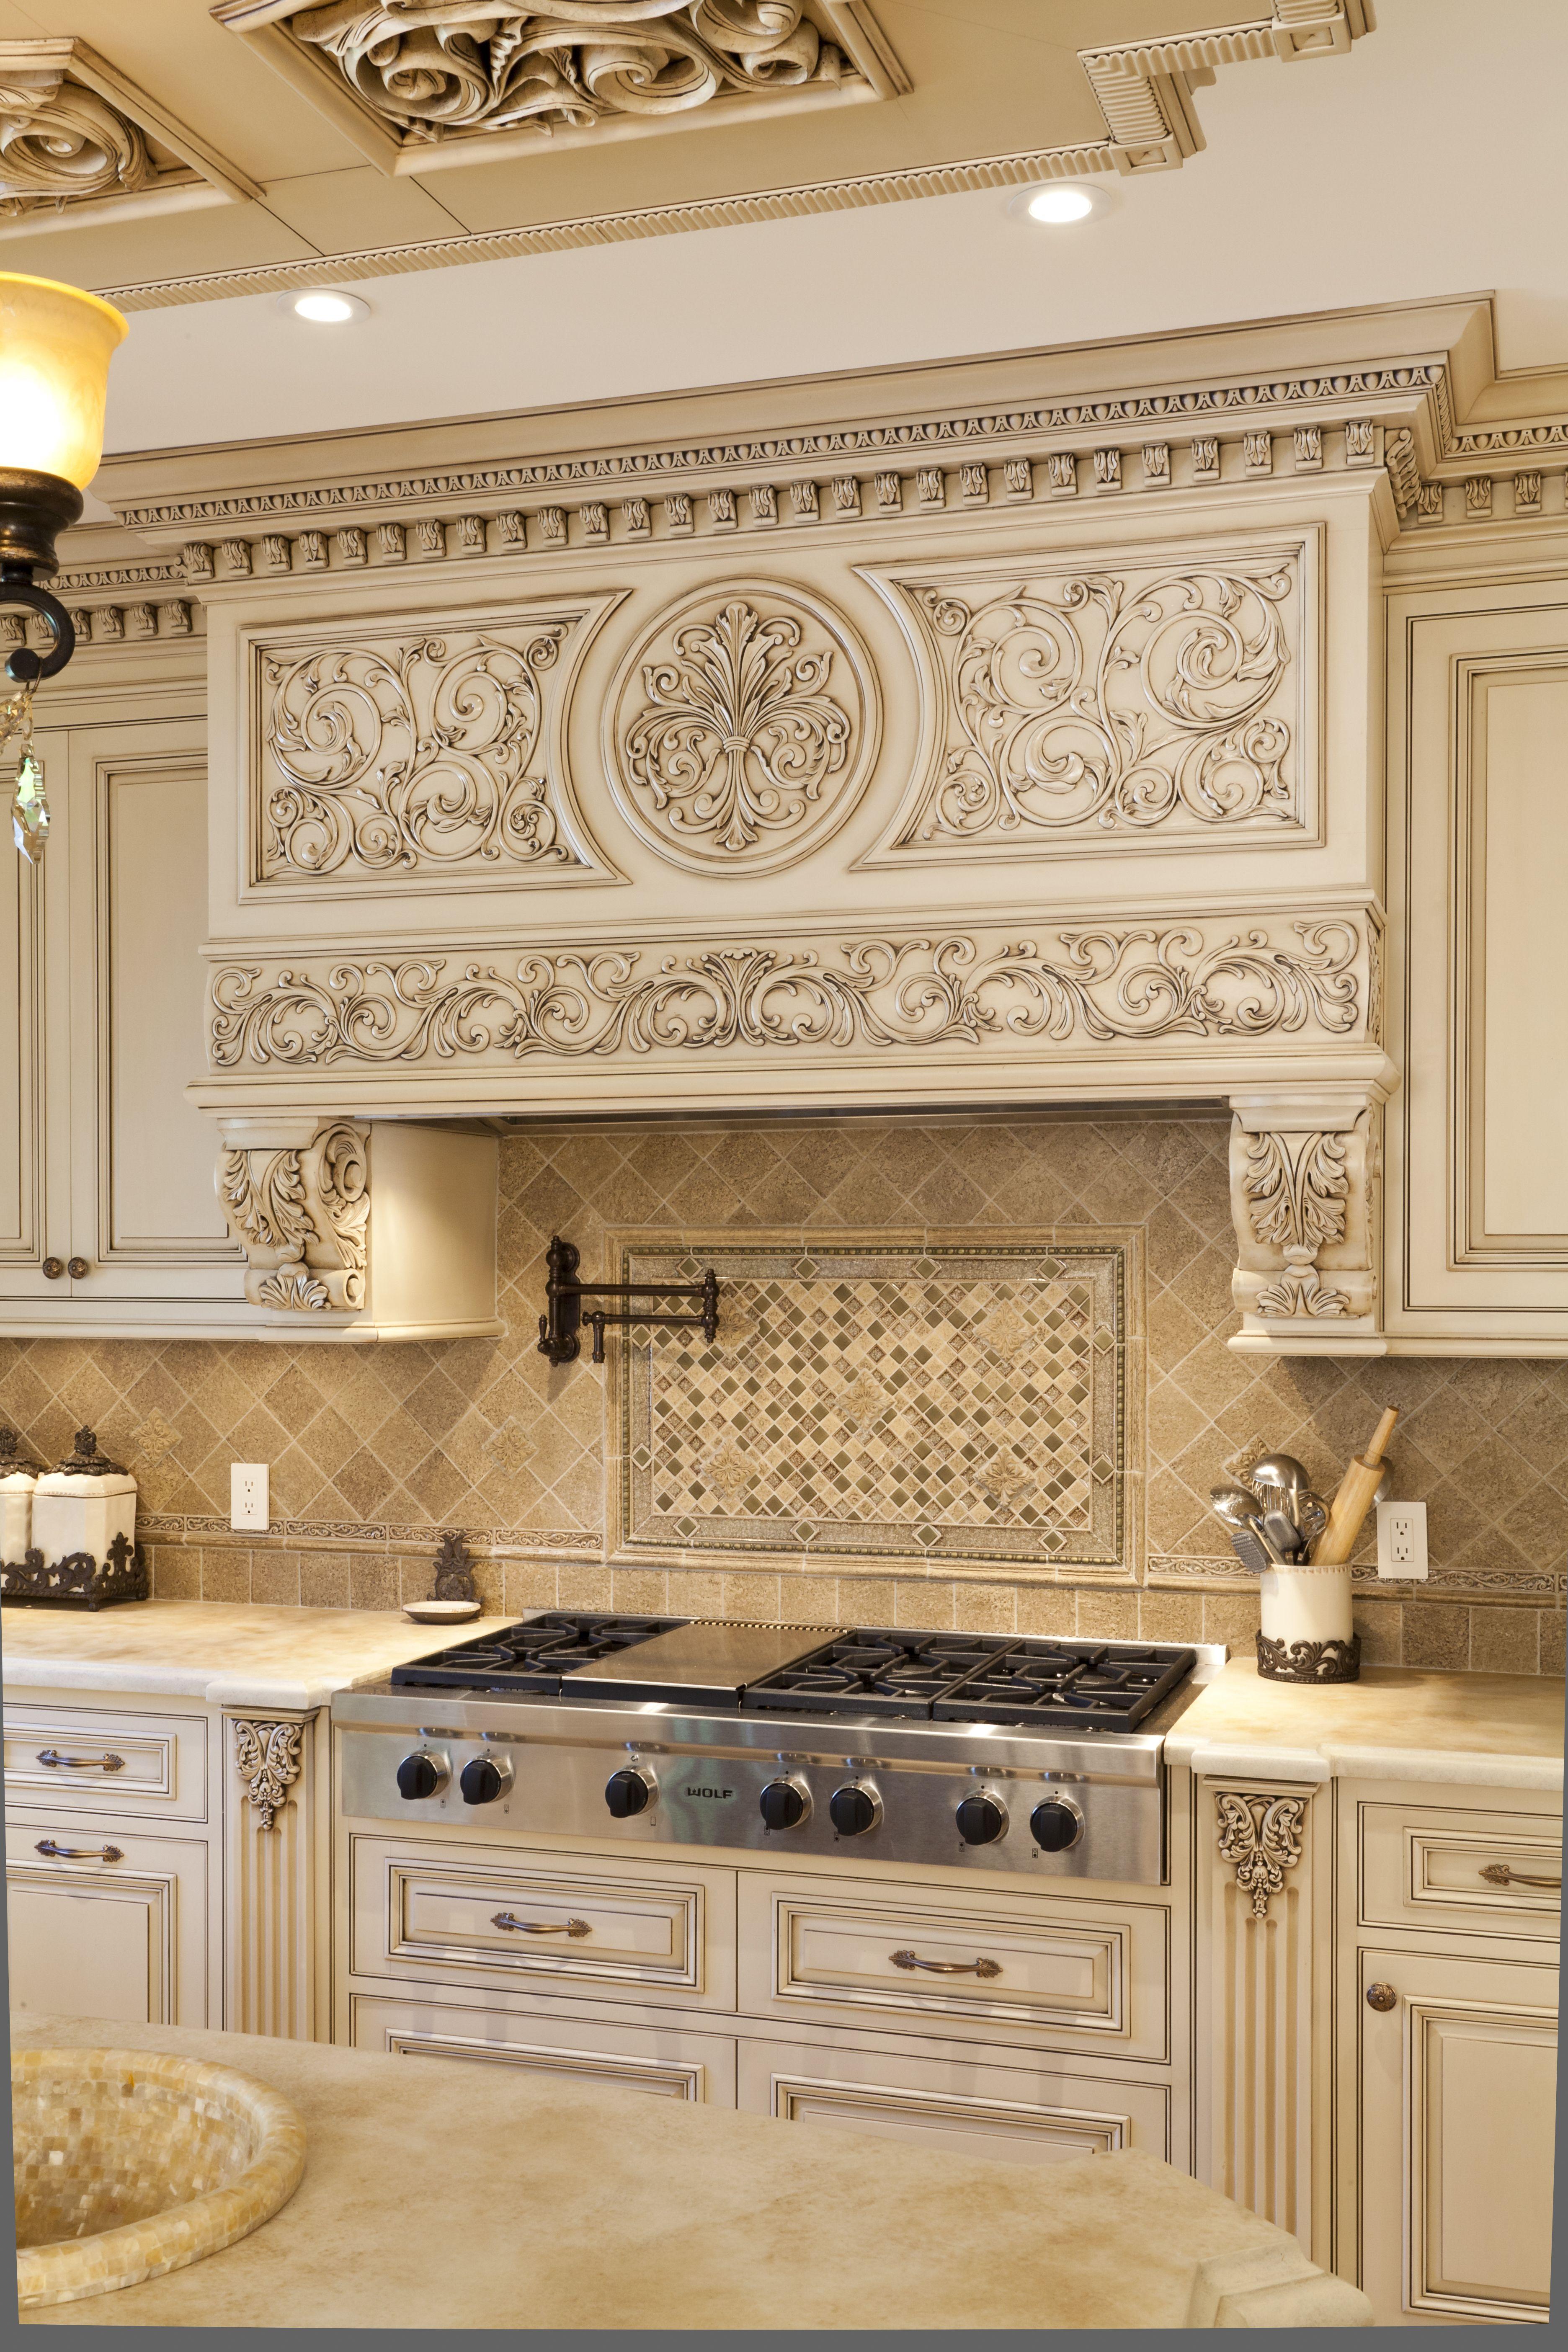 Carved Kitchen In 2020 Elegant Kitchen Design Outdoor Kitchen Design Layout Home Decor Kitchen